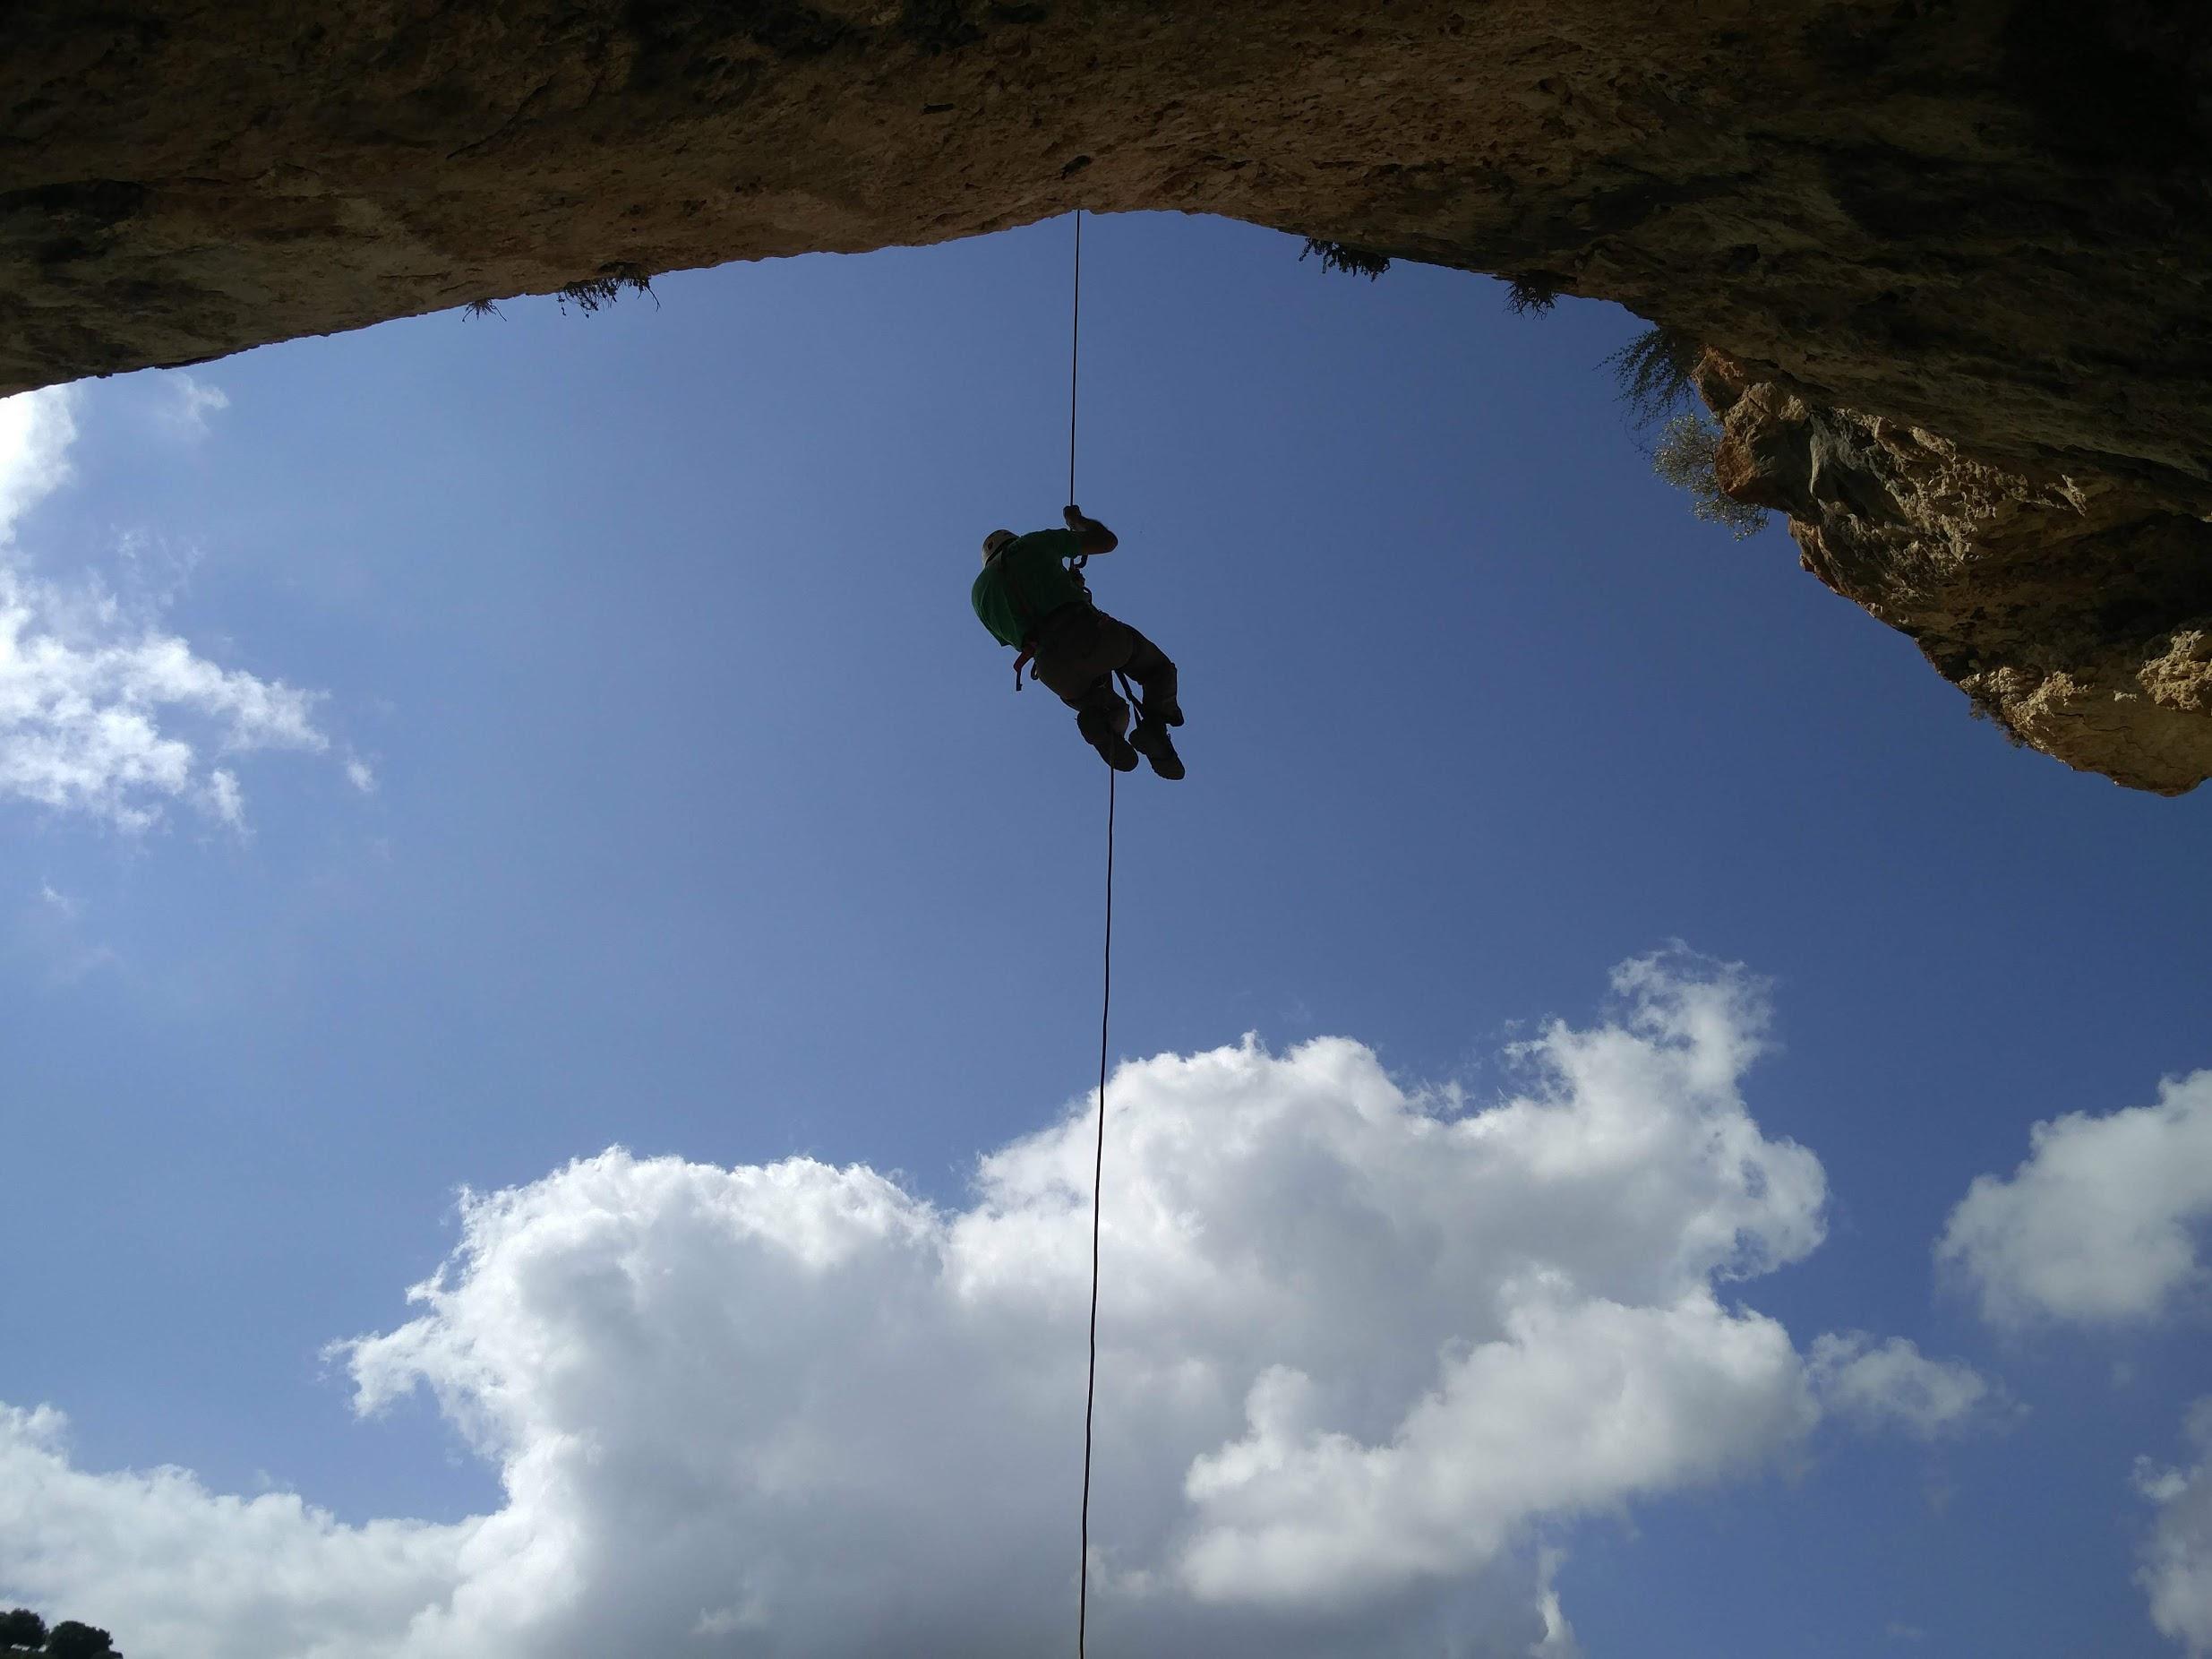 קנקנים תמימים נמצאו במערה בגליל